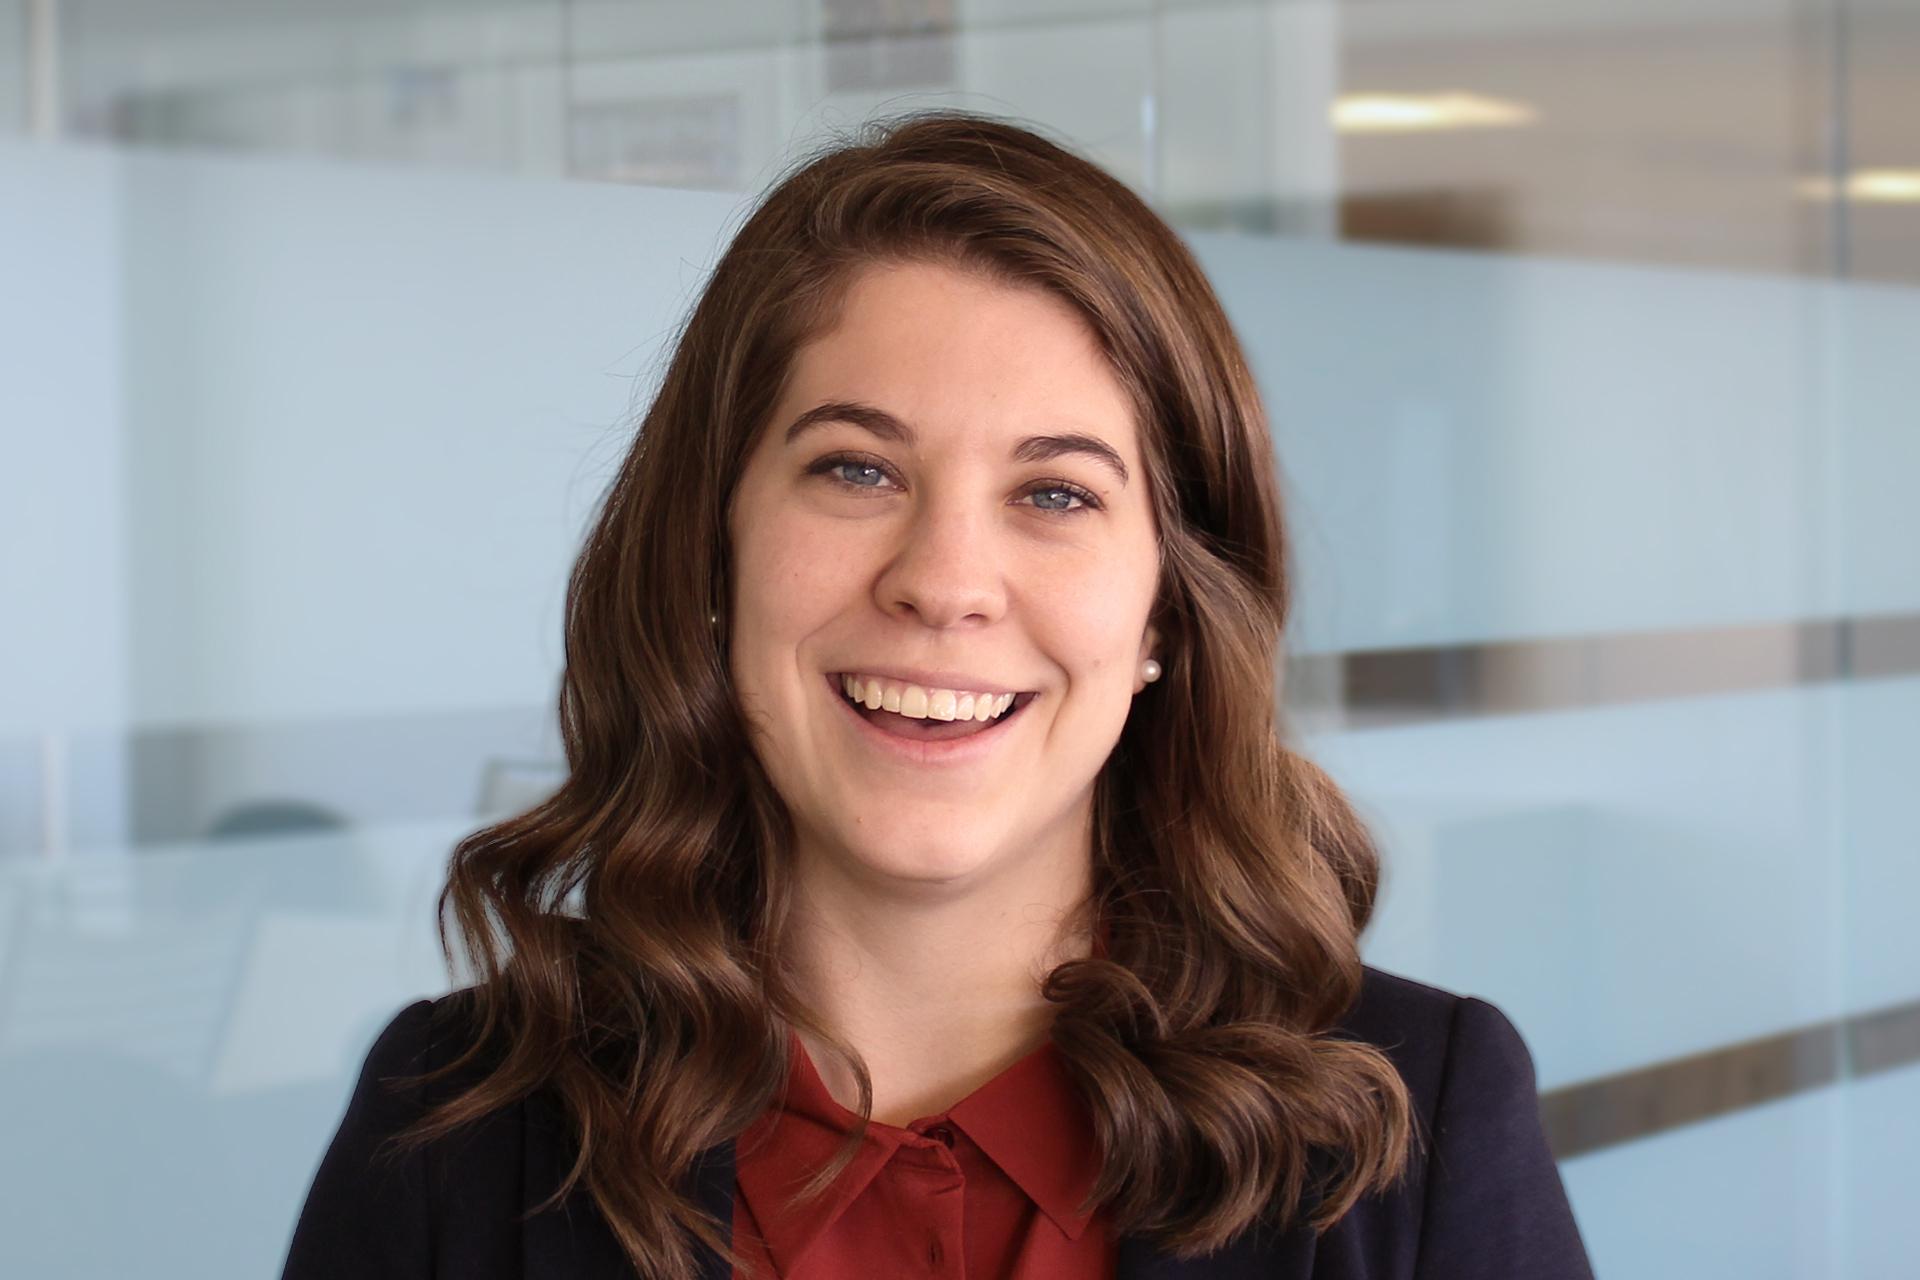 Megan Cordero